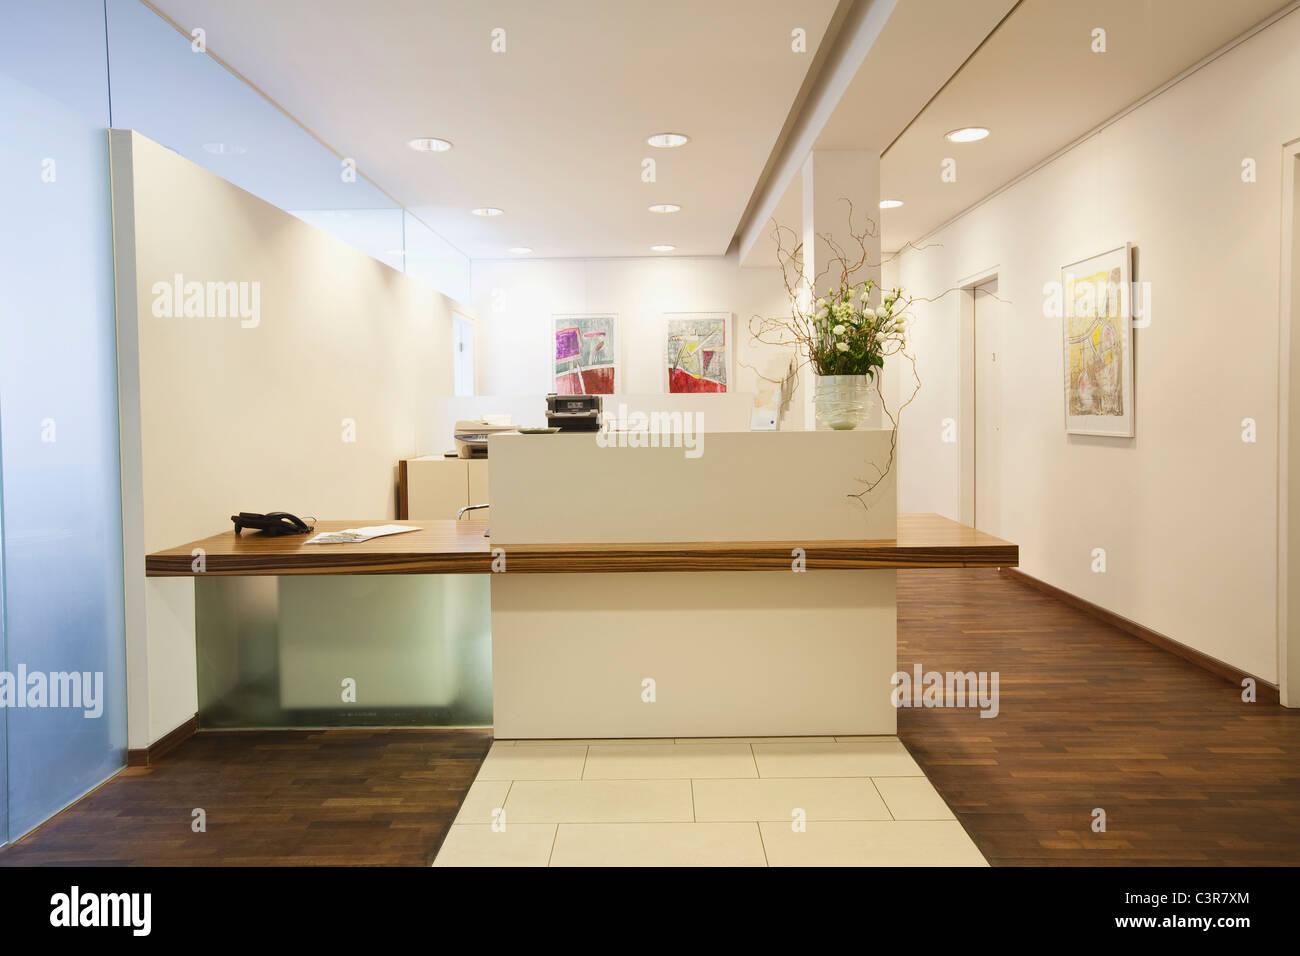 Allemagne, Munich, la réception de l'hôpital Photo Stock